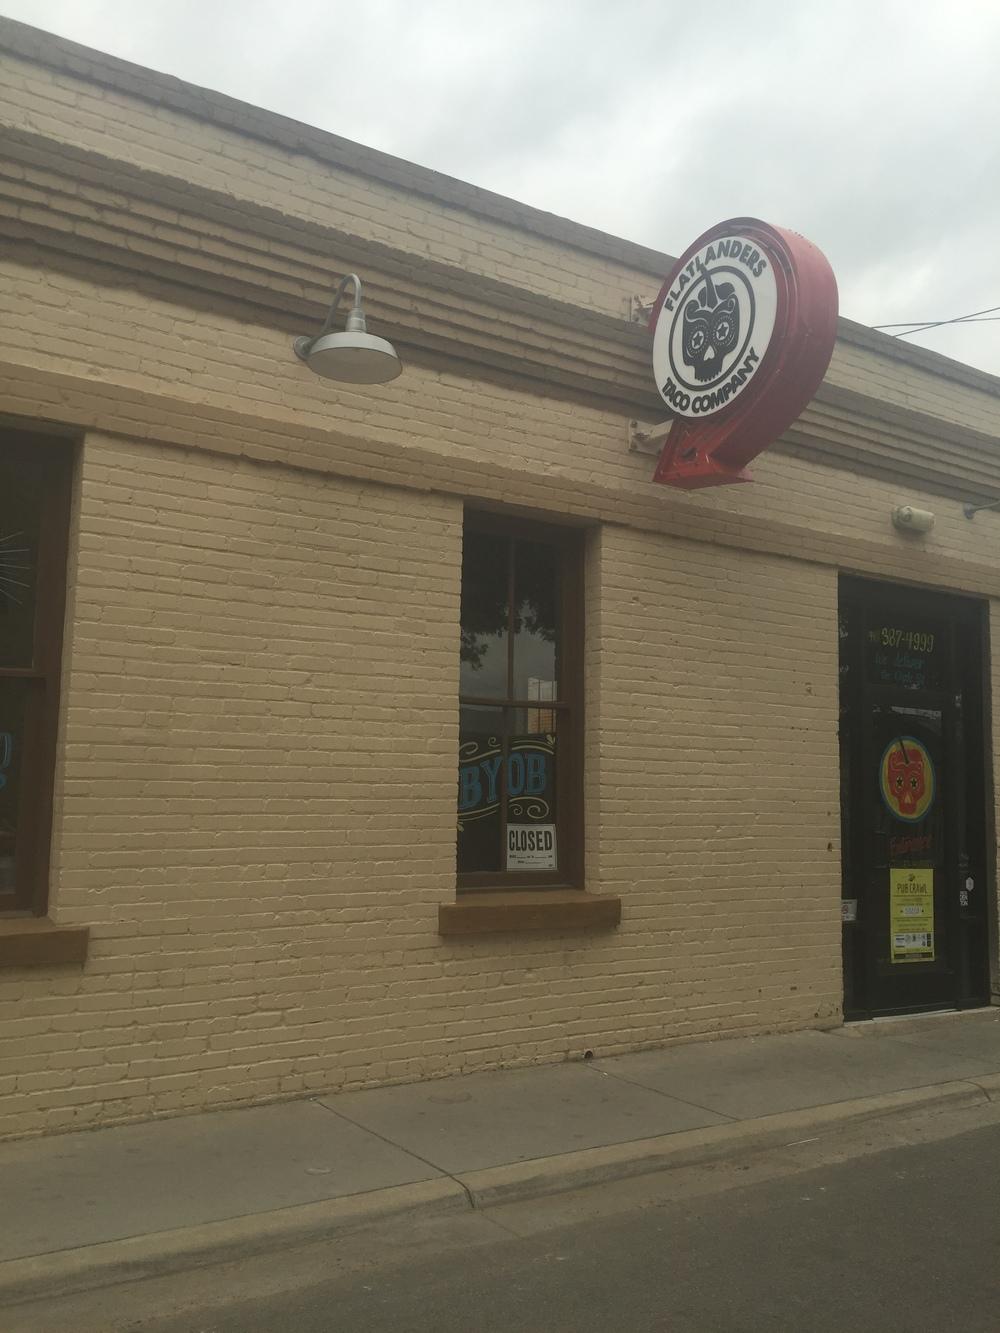 Flatlanders Taco Company closed its doors in Denton on May 4, 2016. Photo by Sara Button.